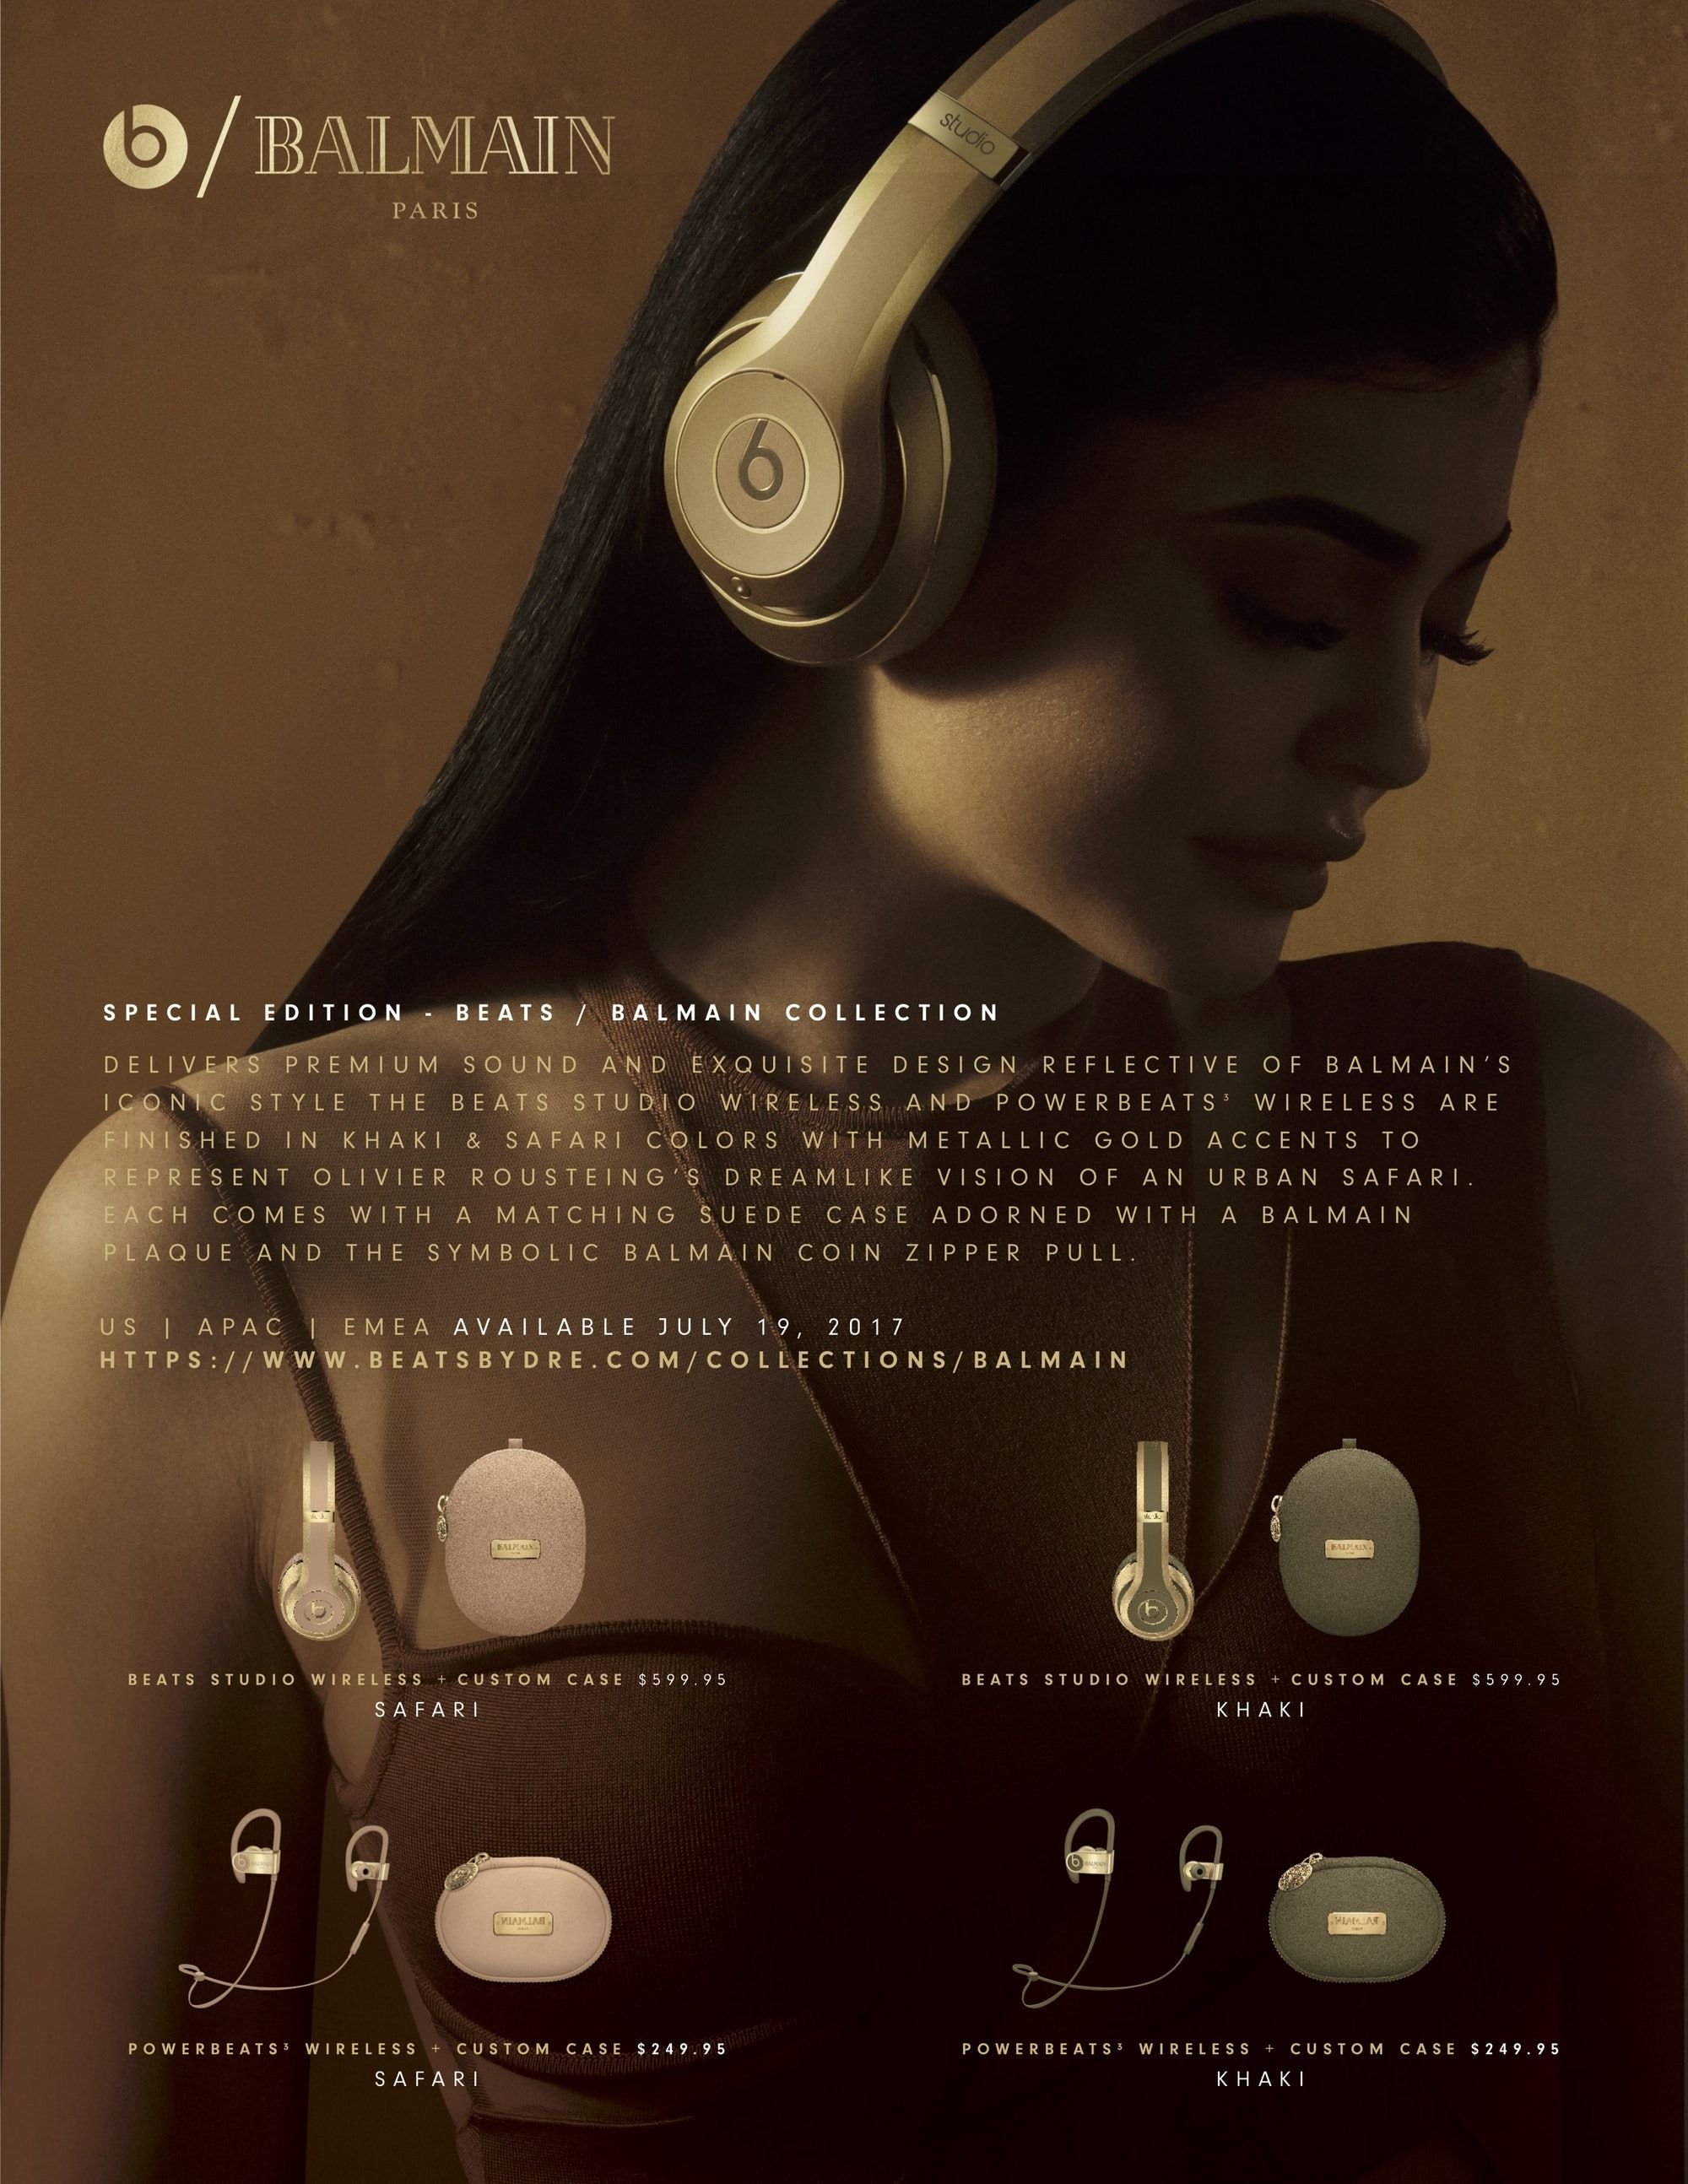 8764aca2eef Beats by Dre & Balmain | Launch a New Collaboration #BeatsbyDre  #BeatsStudio #Balmain #KylieJenner